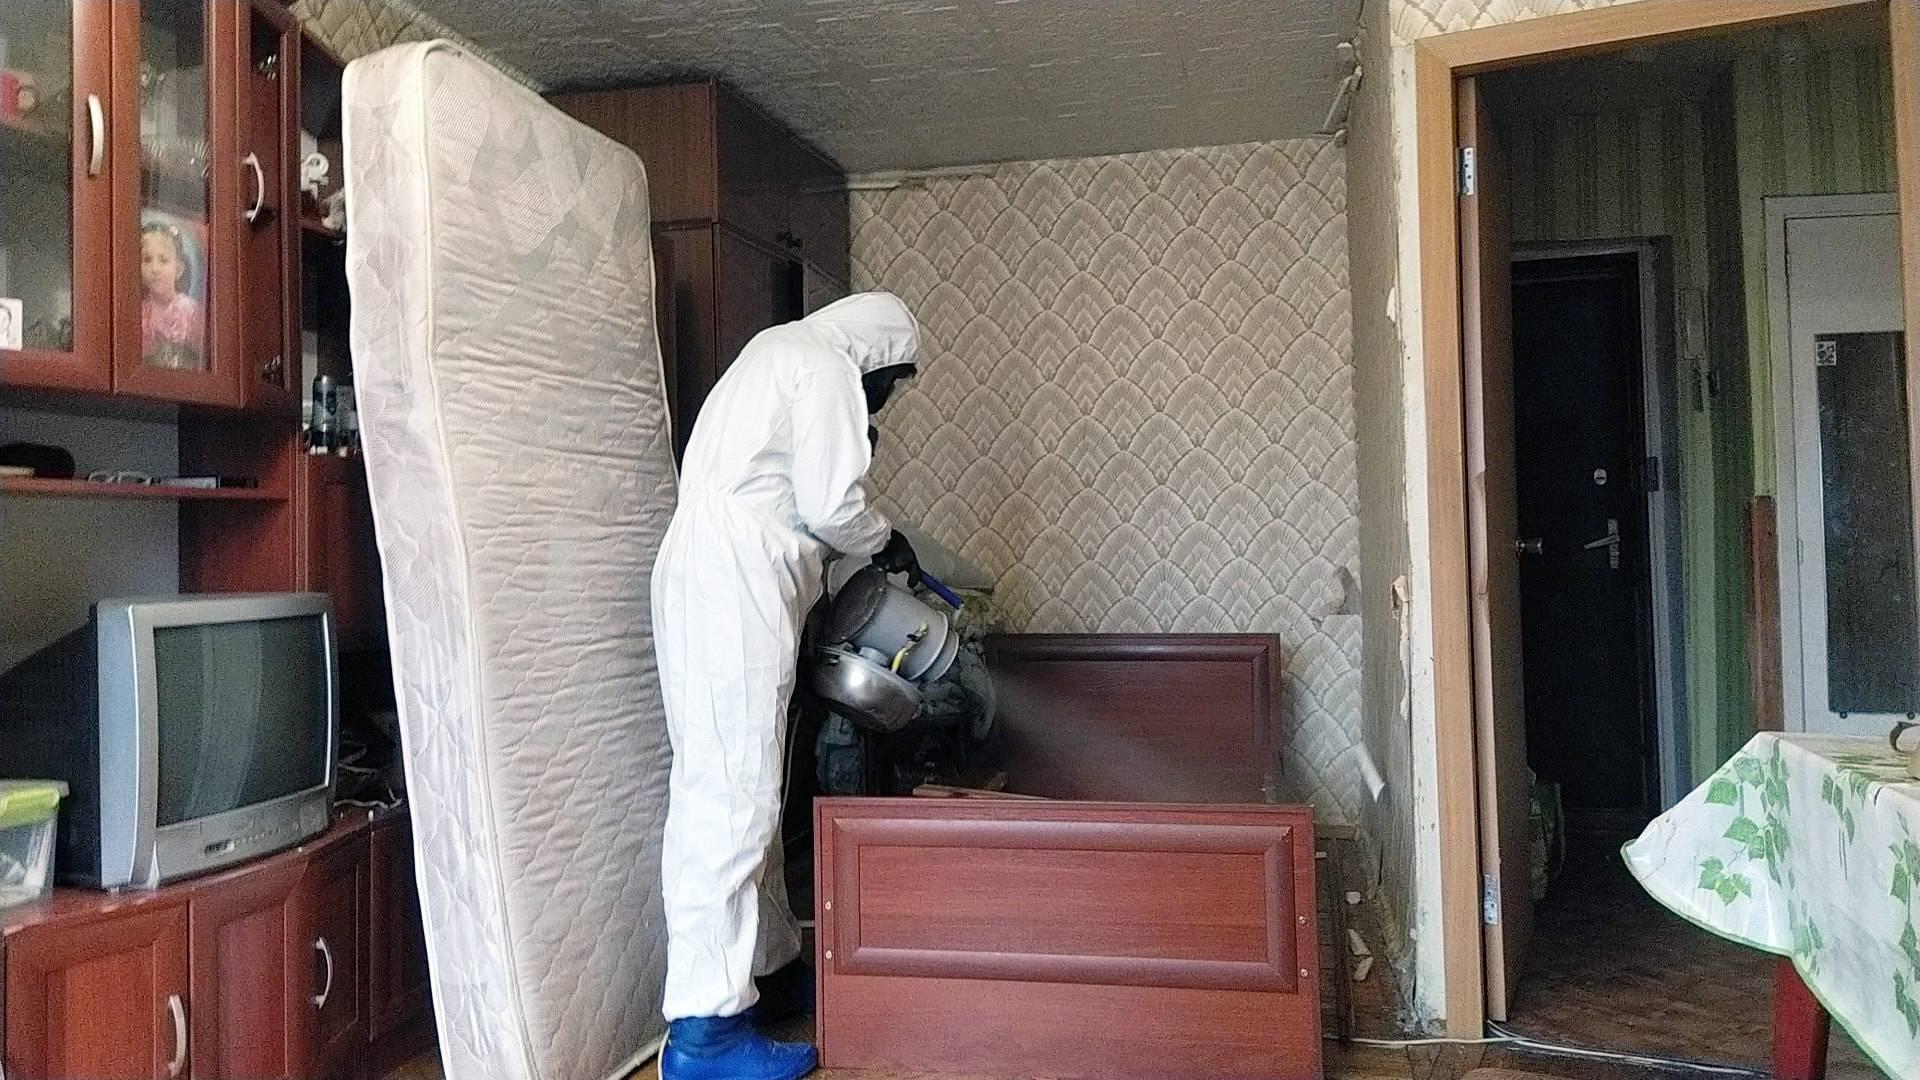 Обработка квартиры от блох в москве по доступным ценам | центр дезинфекции герадез